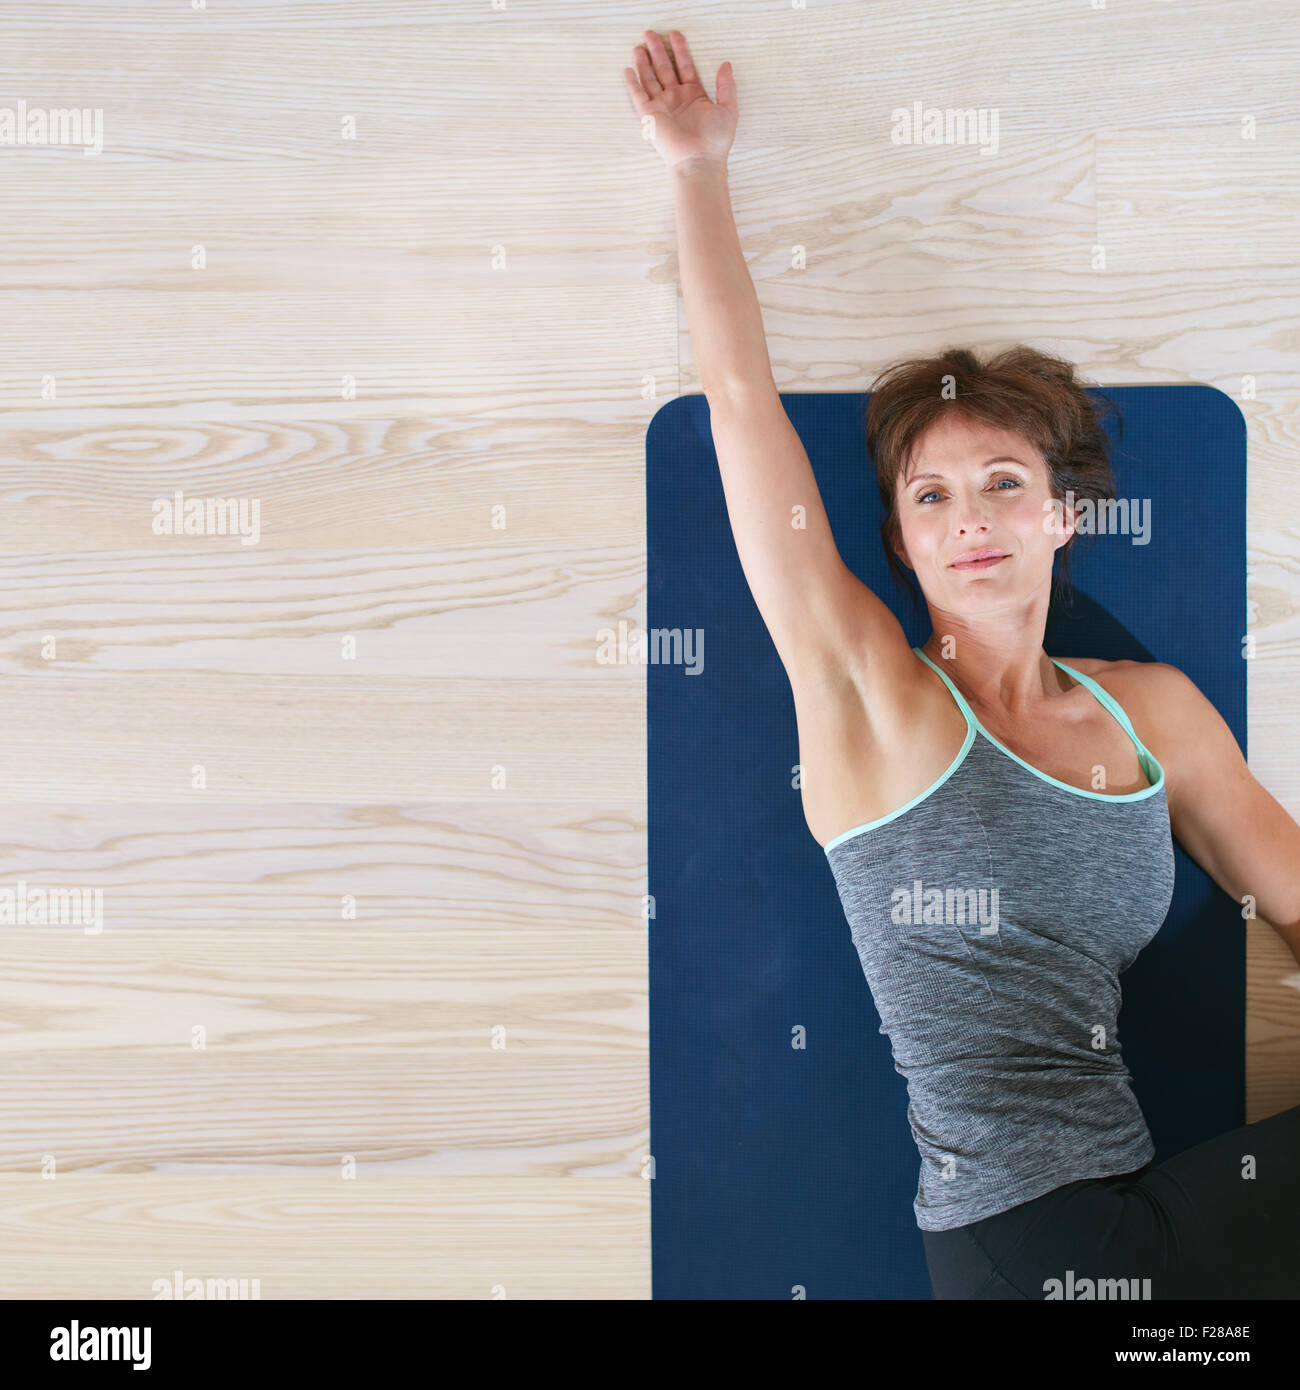 Draufsicht der Frau liegen und stretching auf Trainingsmatte. Frau Stock drehen ihren Körper und ihr einerseits Stockbild